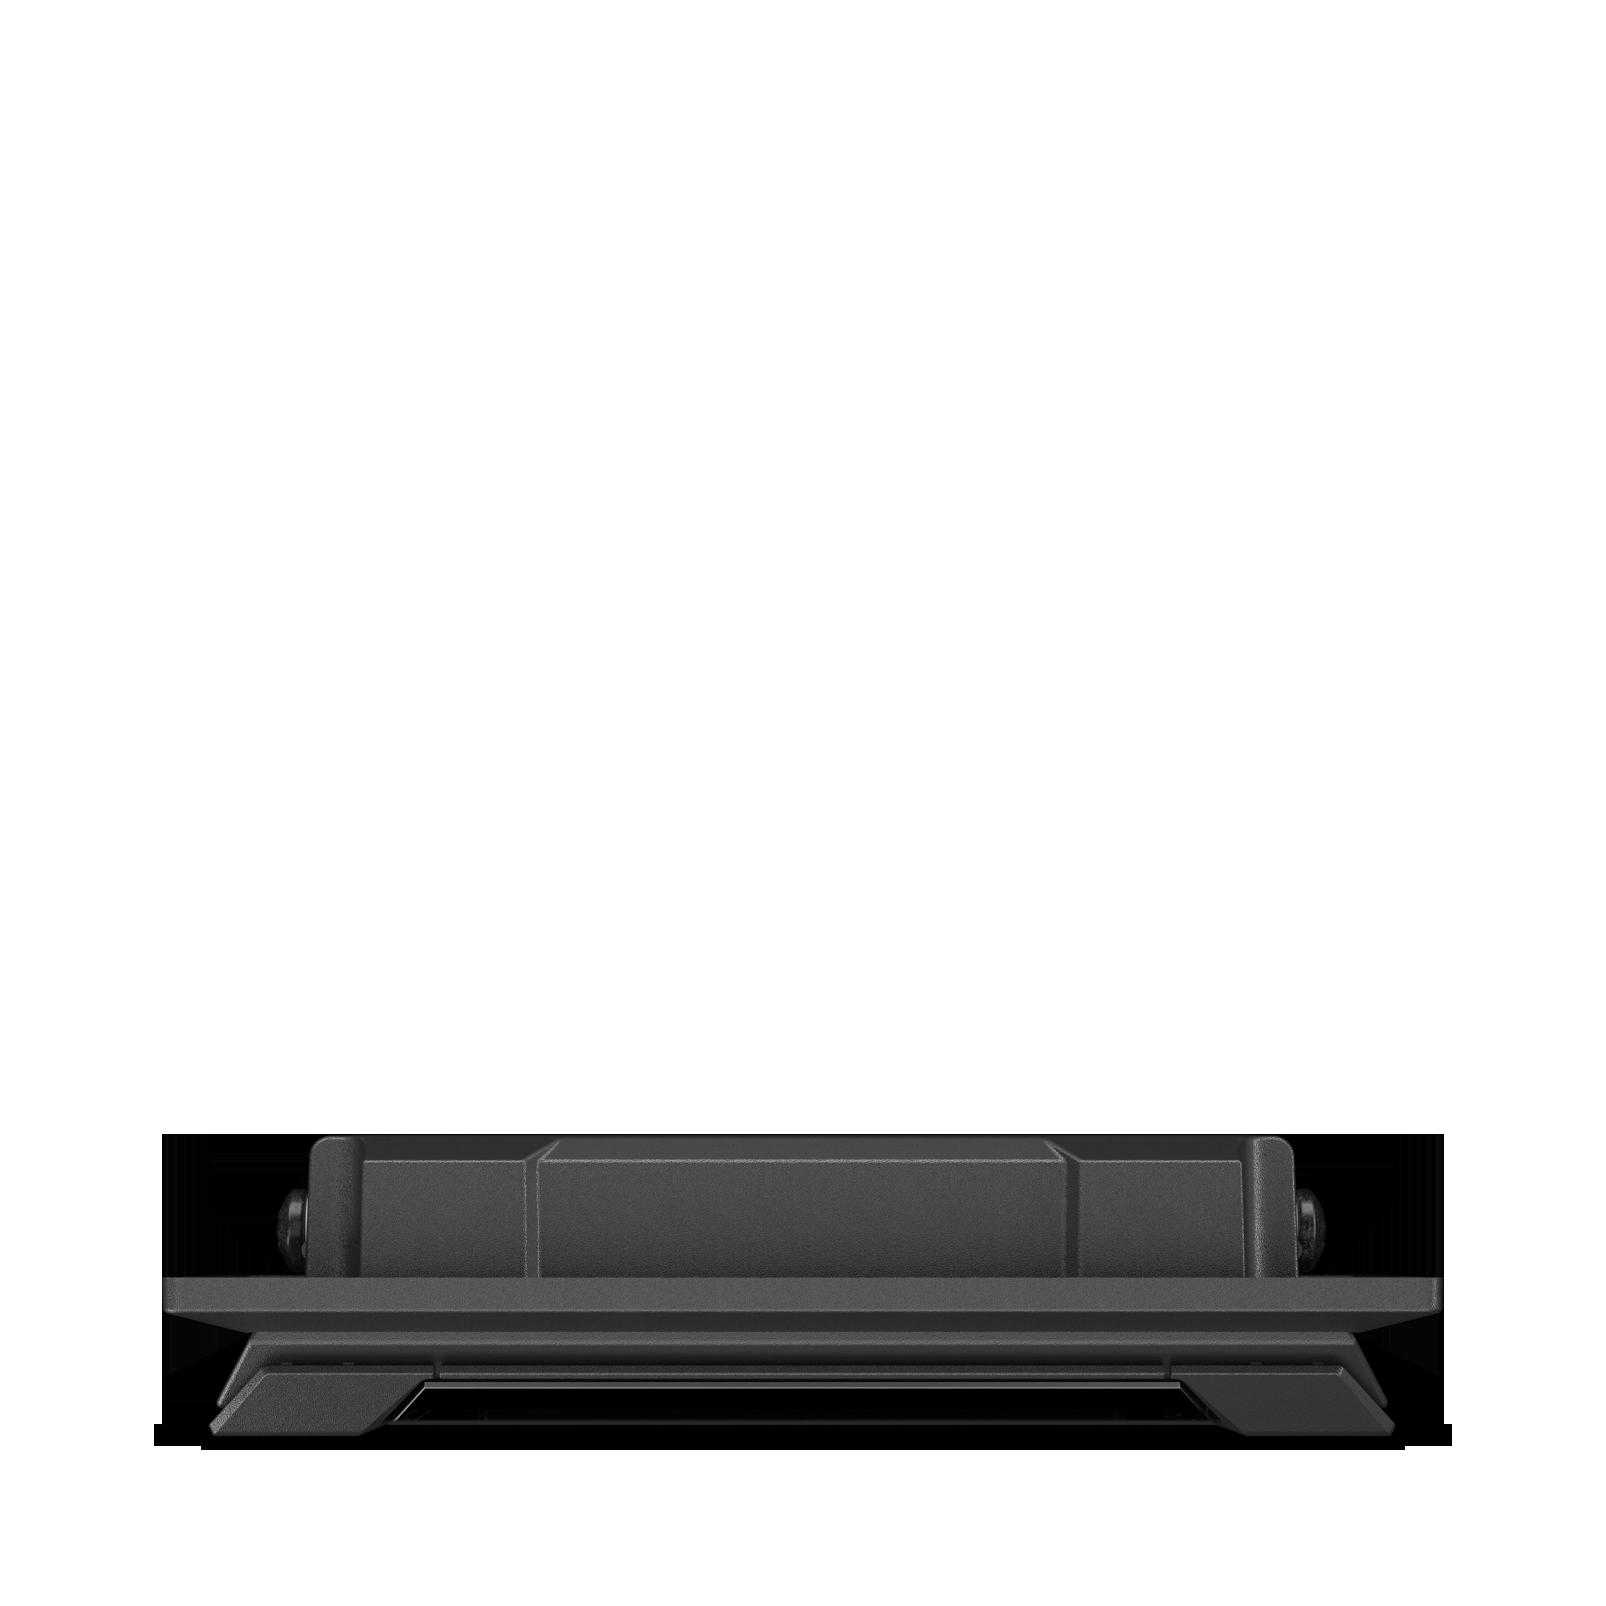 GTR-102